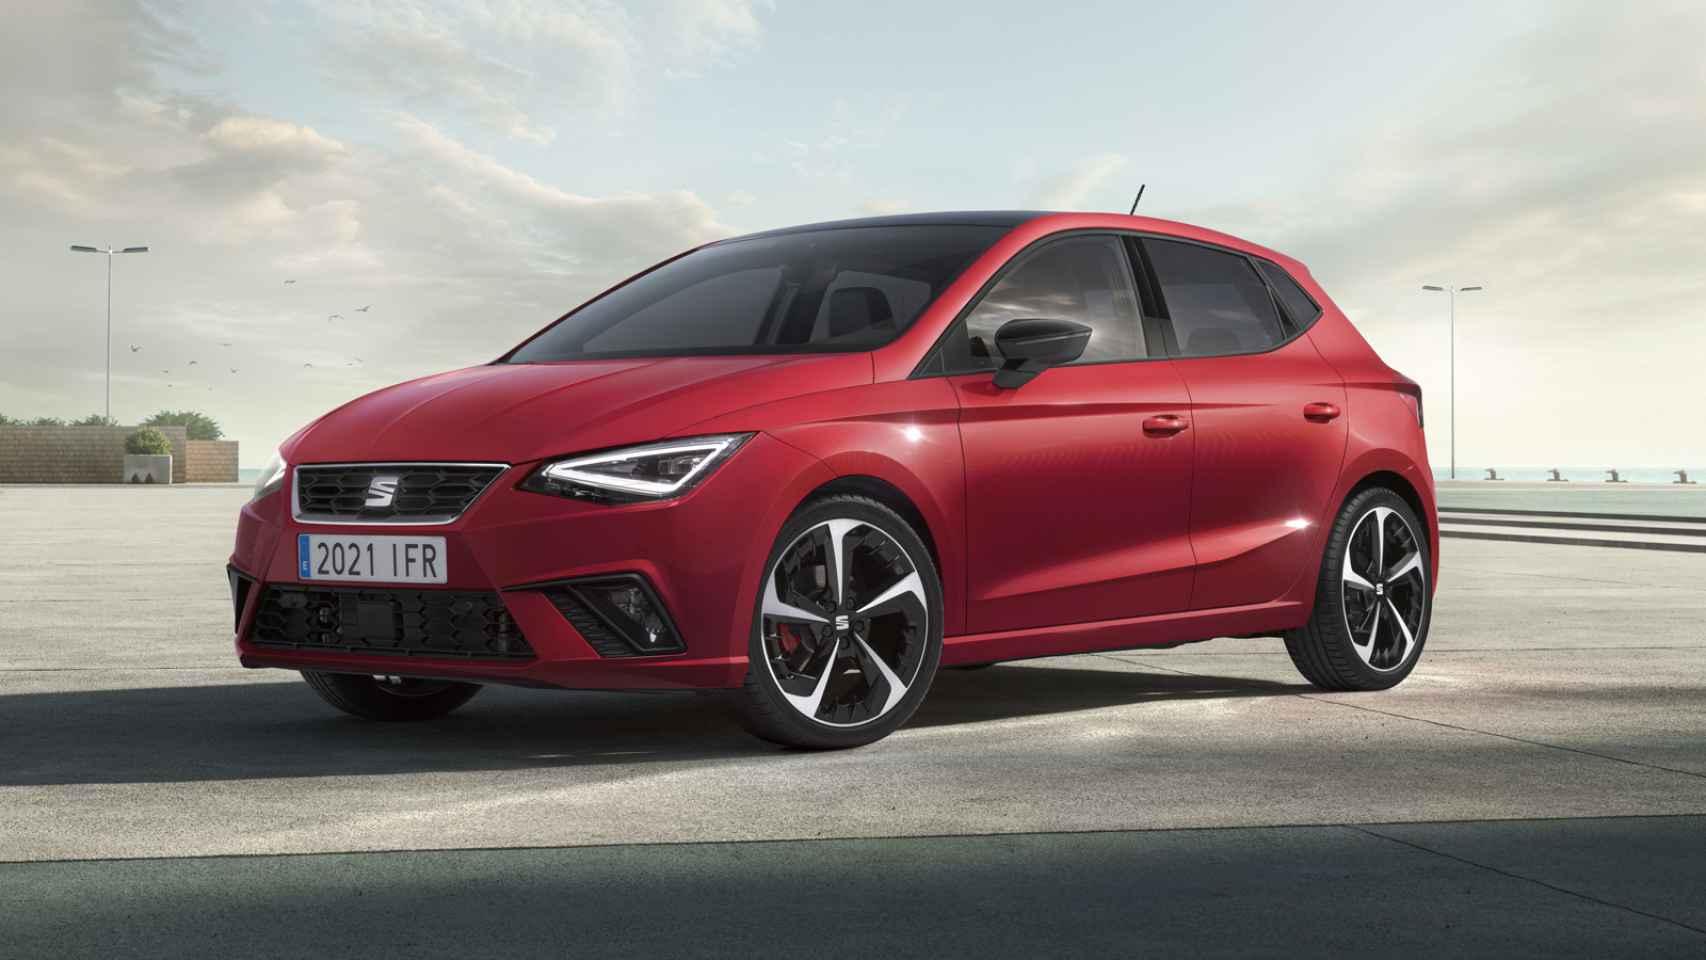 12 coches (nuevos) por menos de 12.000 euros: repasamos las mejores ofertas